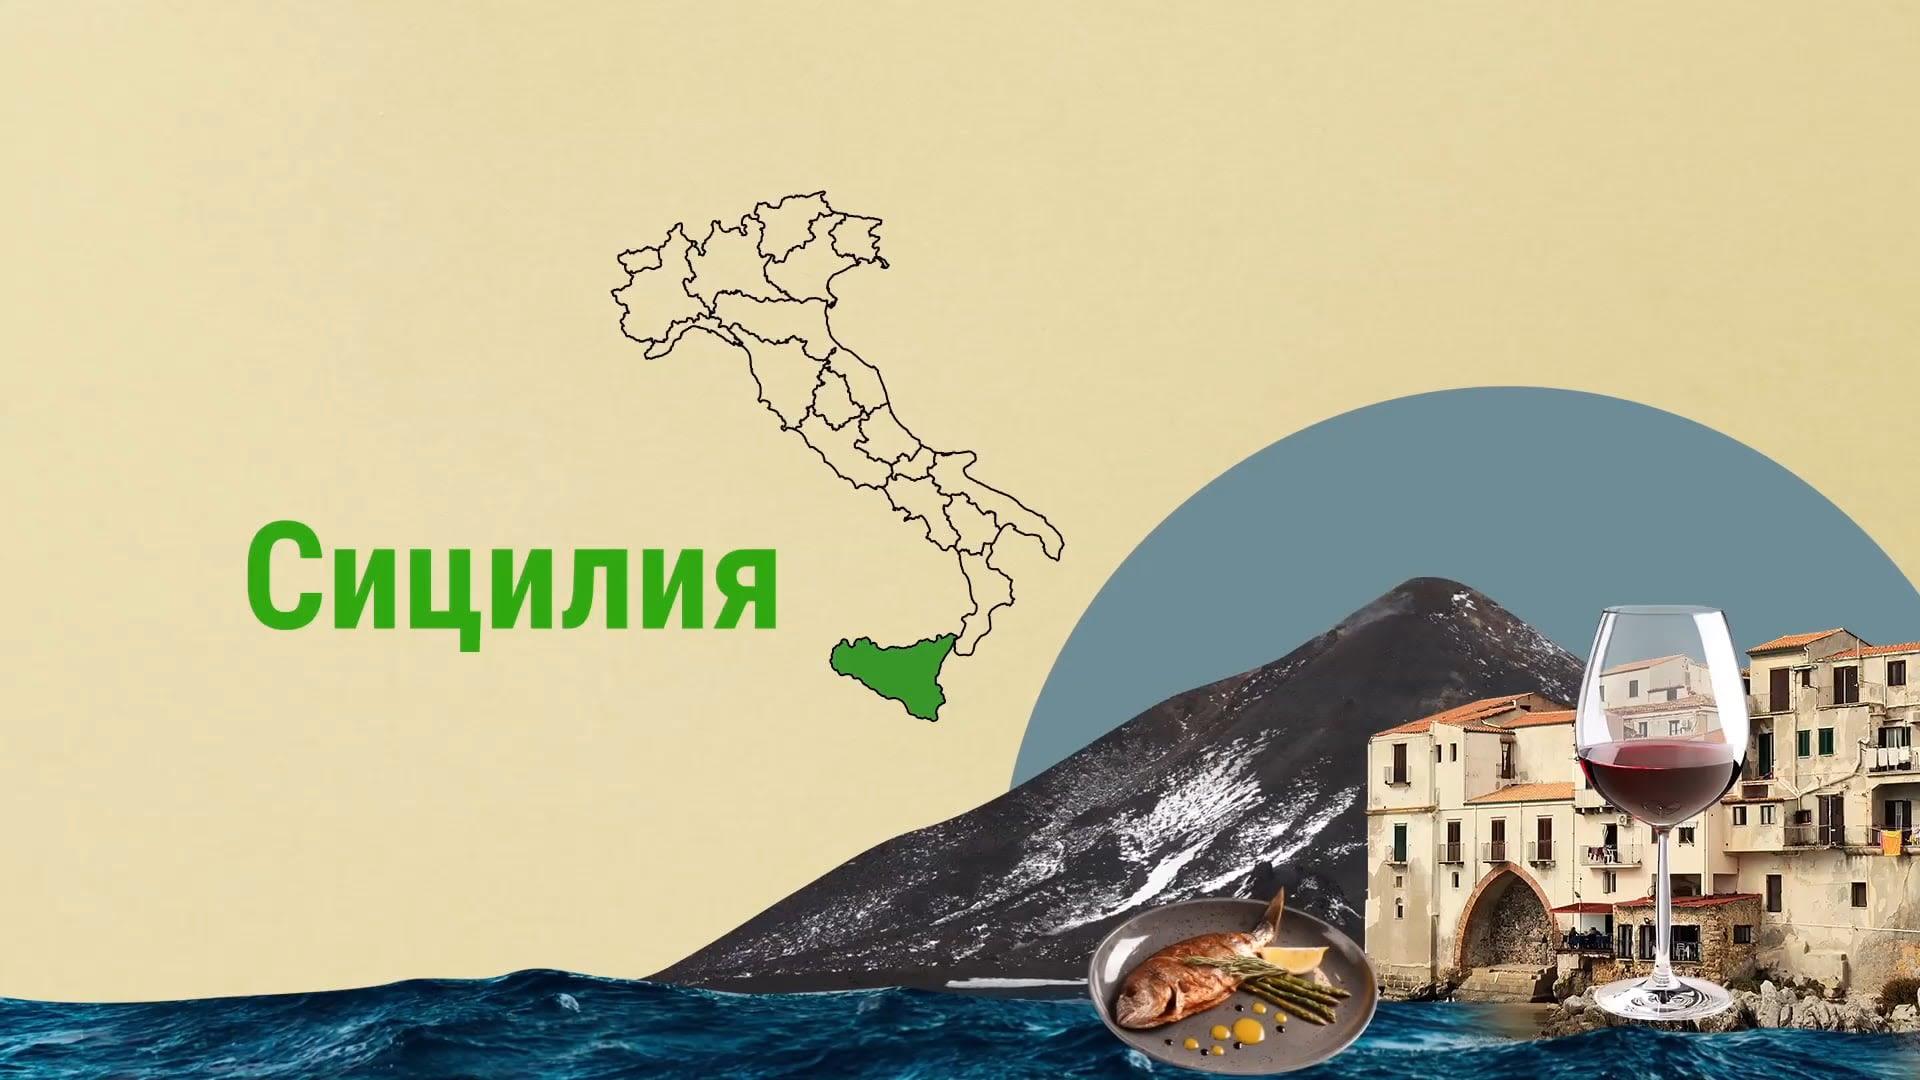 6. Сицилия